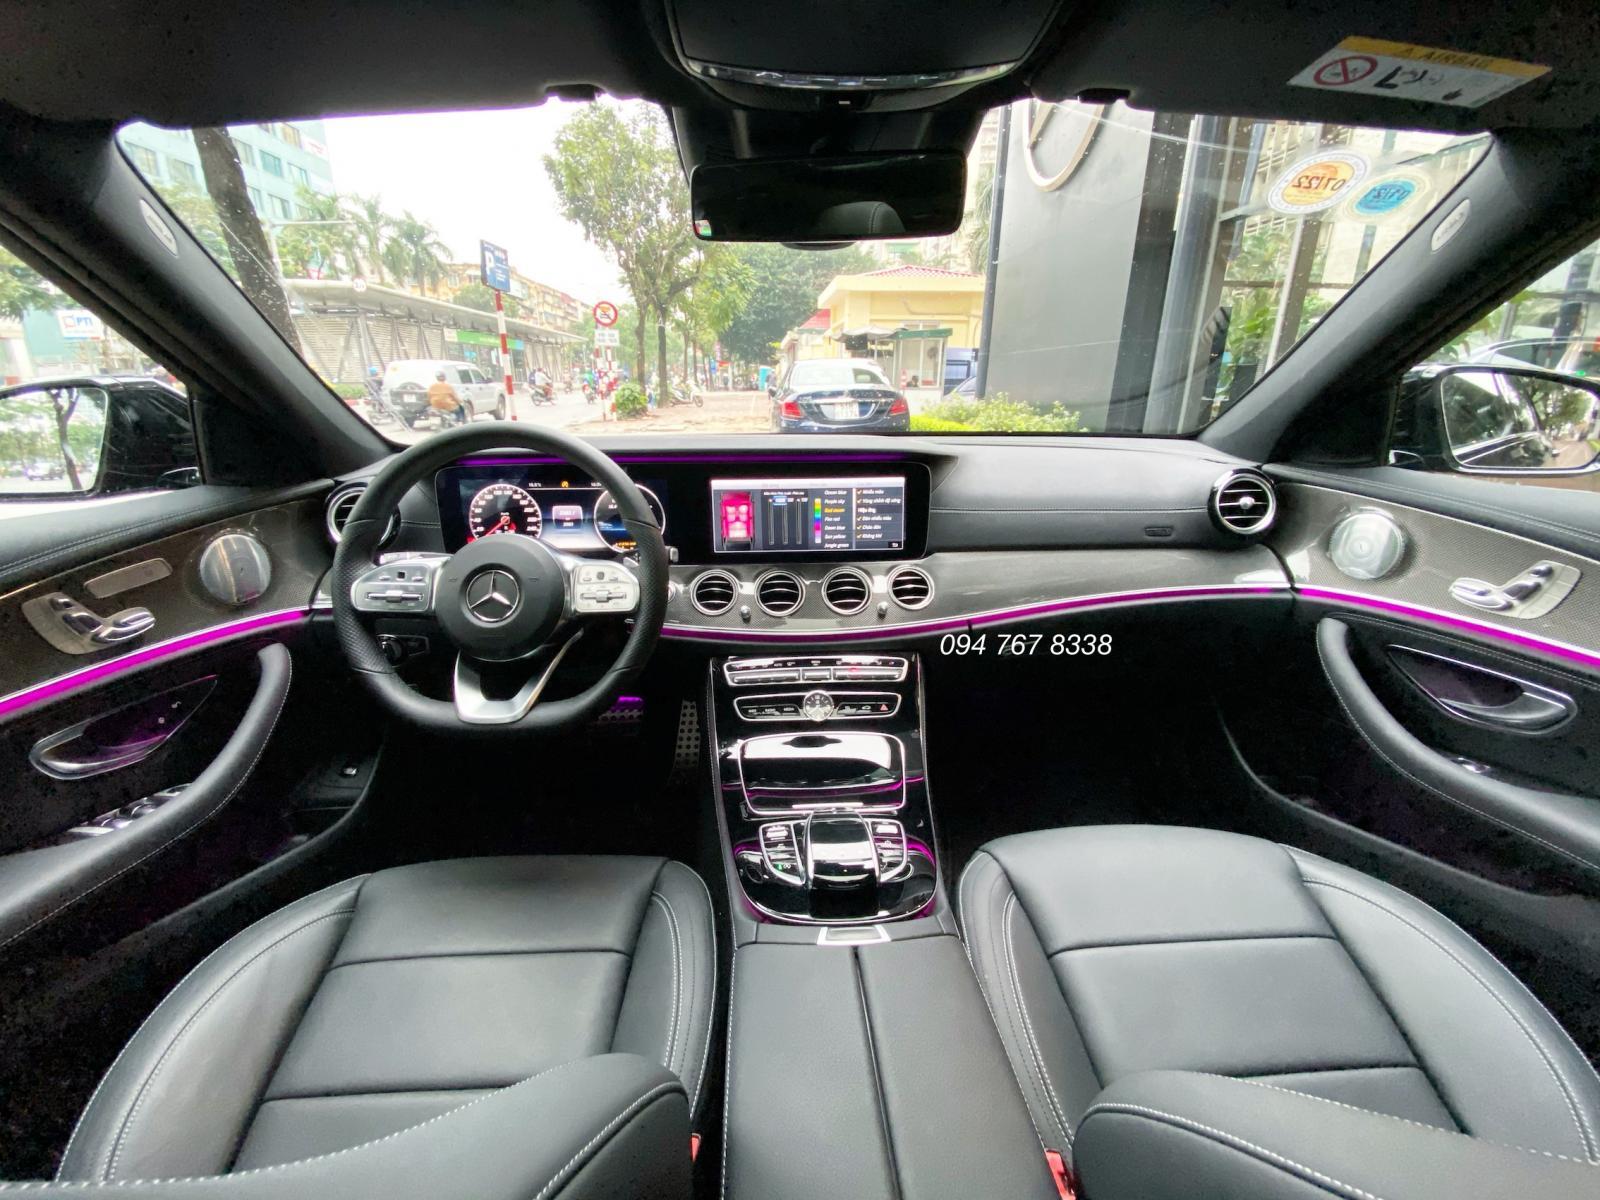 xe lướt chính hãng - Mercedes E300 2020 màu đen chạy 3.000km, giá cực tốt